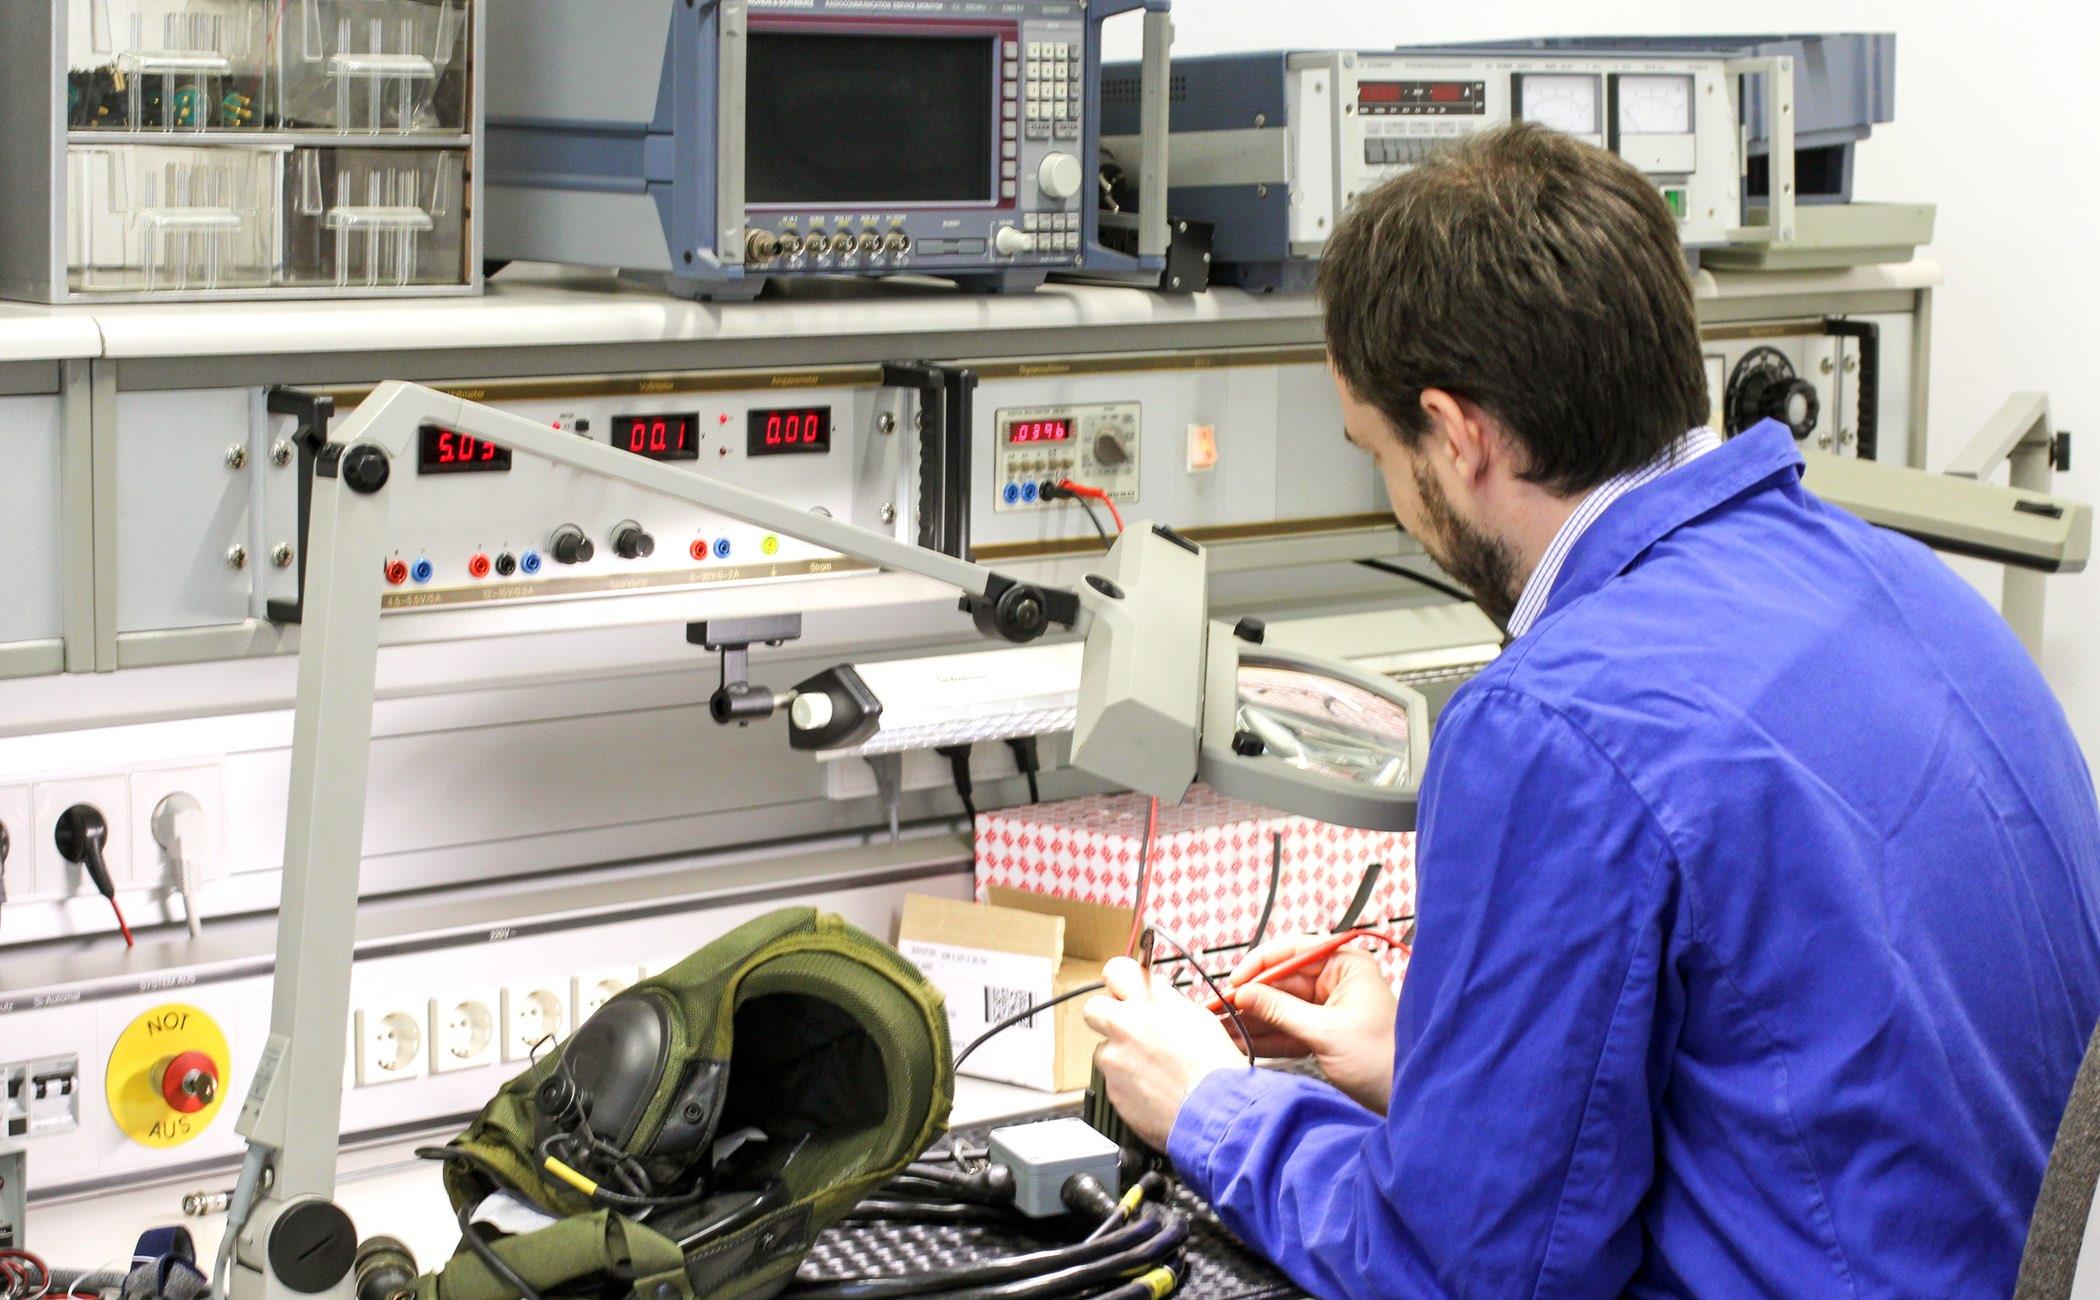 ....  Nutzen Sie das Prüf- und Messlabor zur einfachen und schnellen Problembehebung  ..  Take advantage of our test facilities for simple and quick problem solving  ....